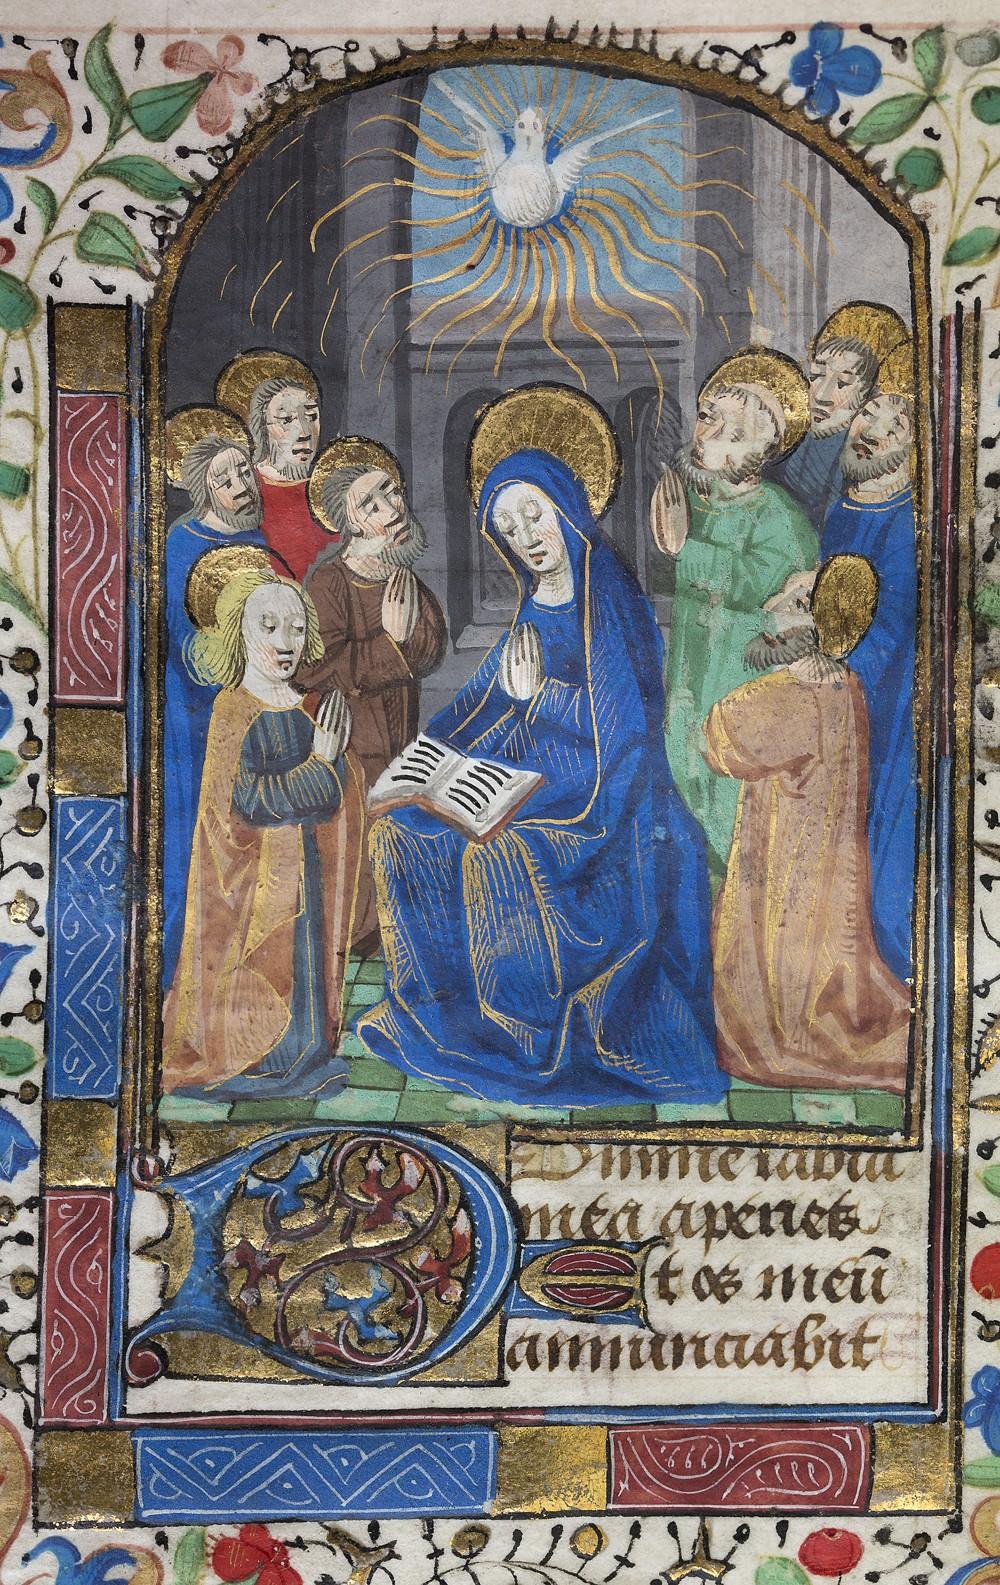 15th century Illumination of Mary and the Holy Spirit